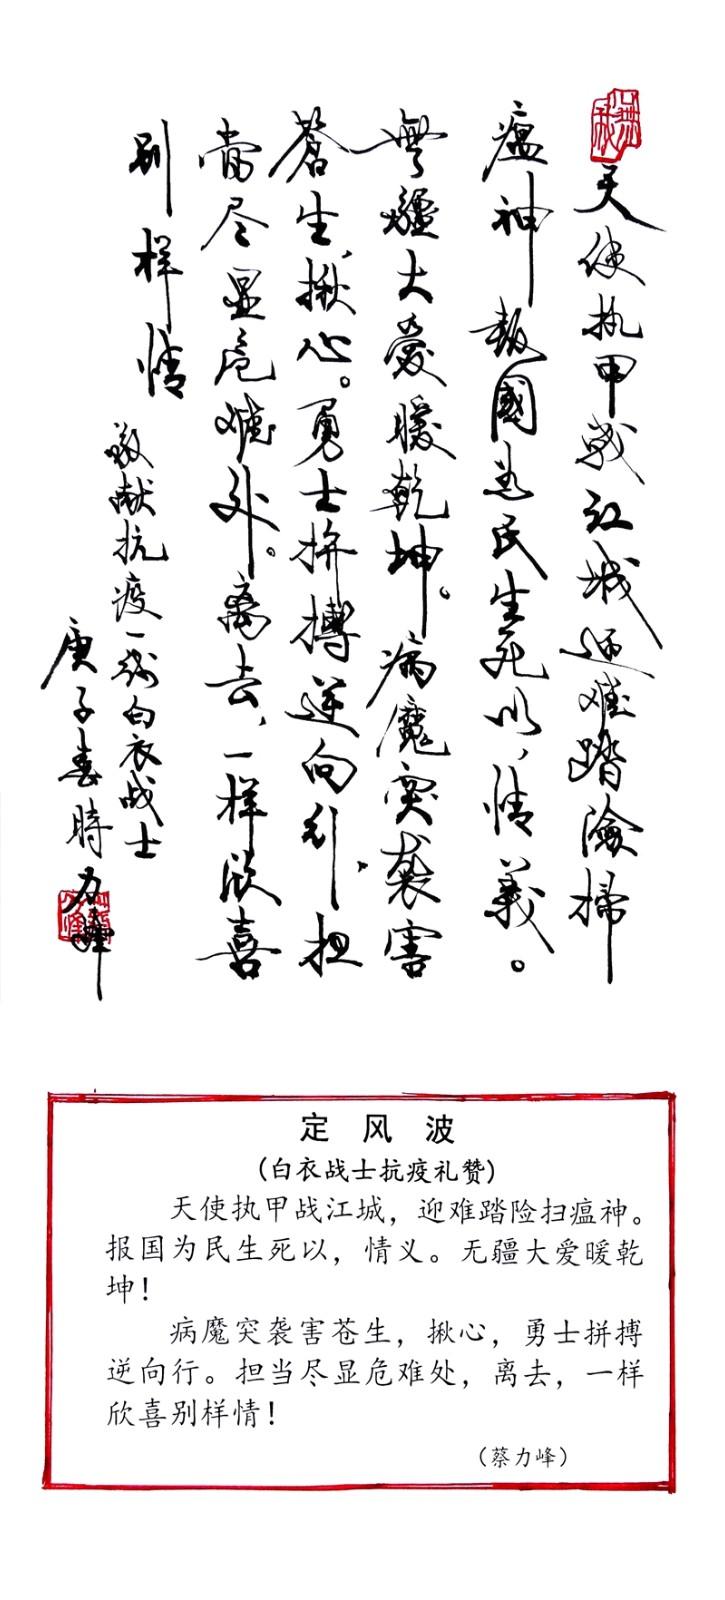 3 抗疫词《定风波》,湖南省人大常委会原副主任蔡力峰.jpg